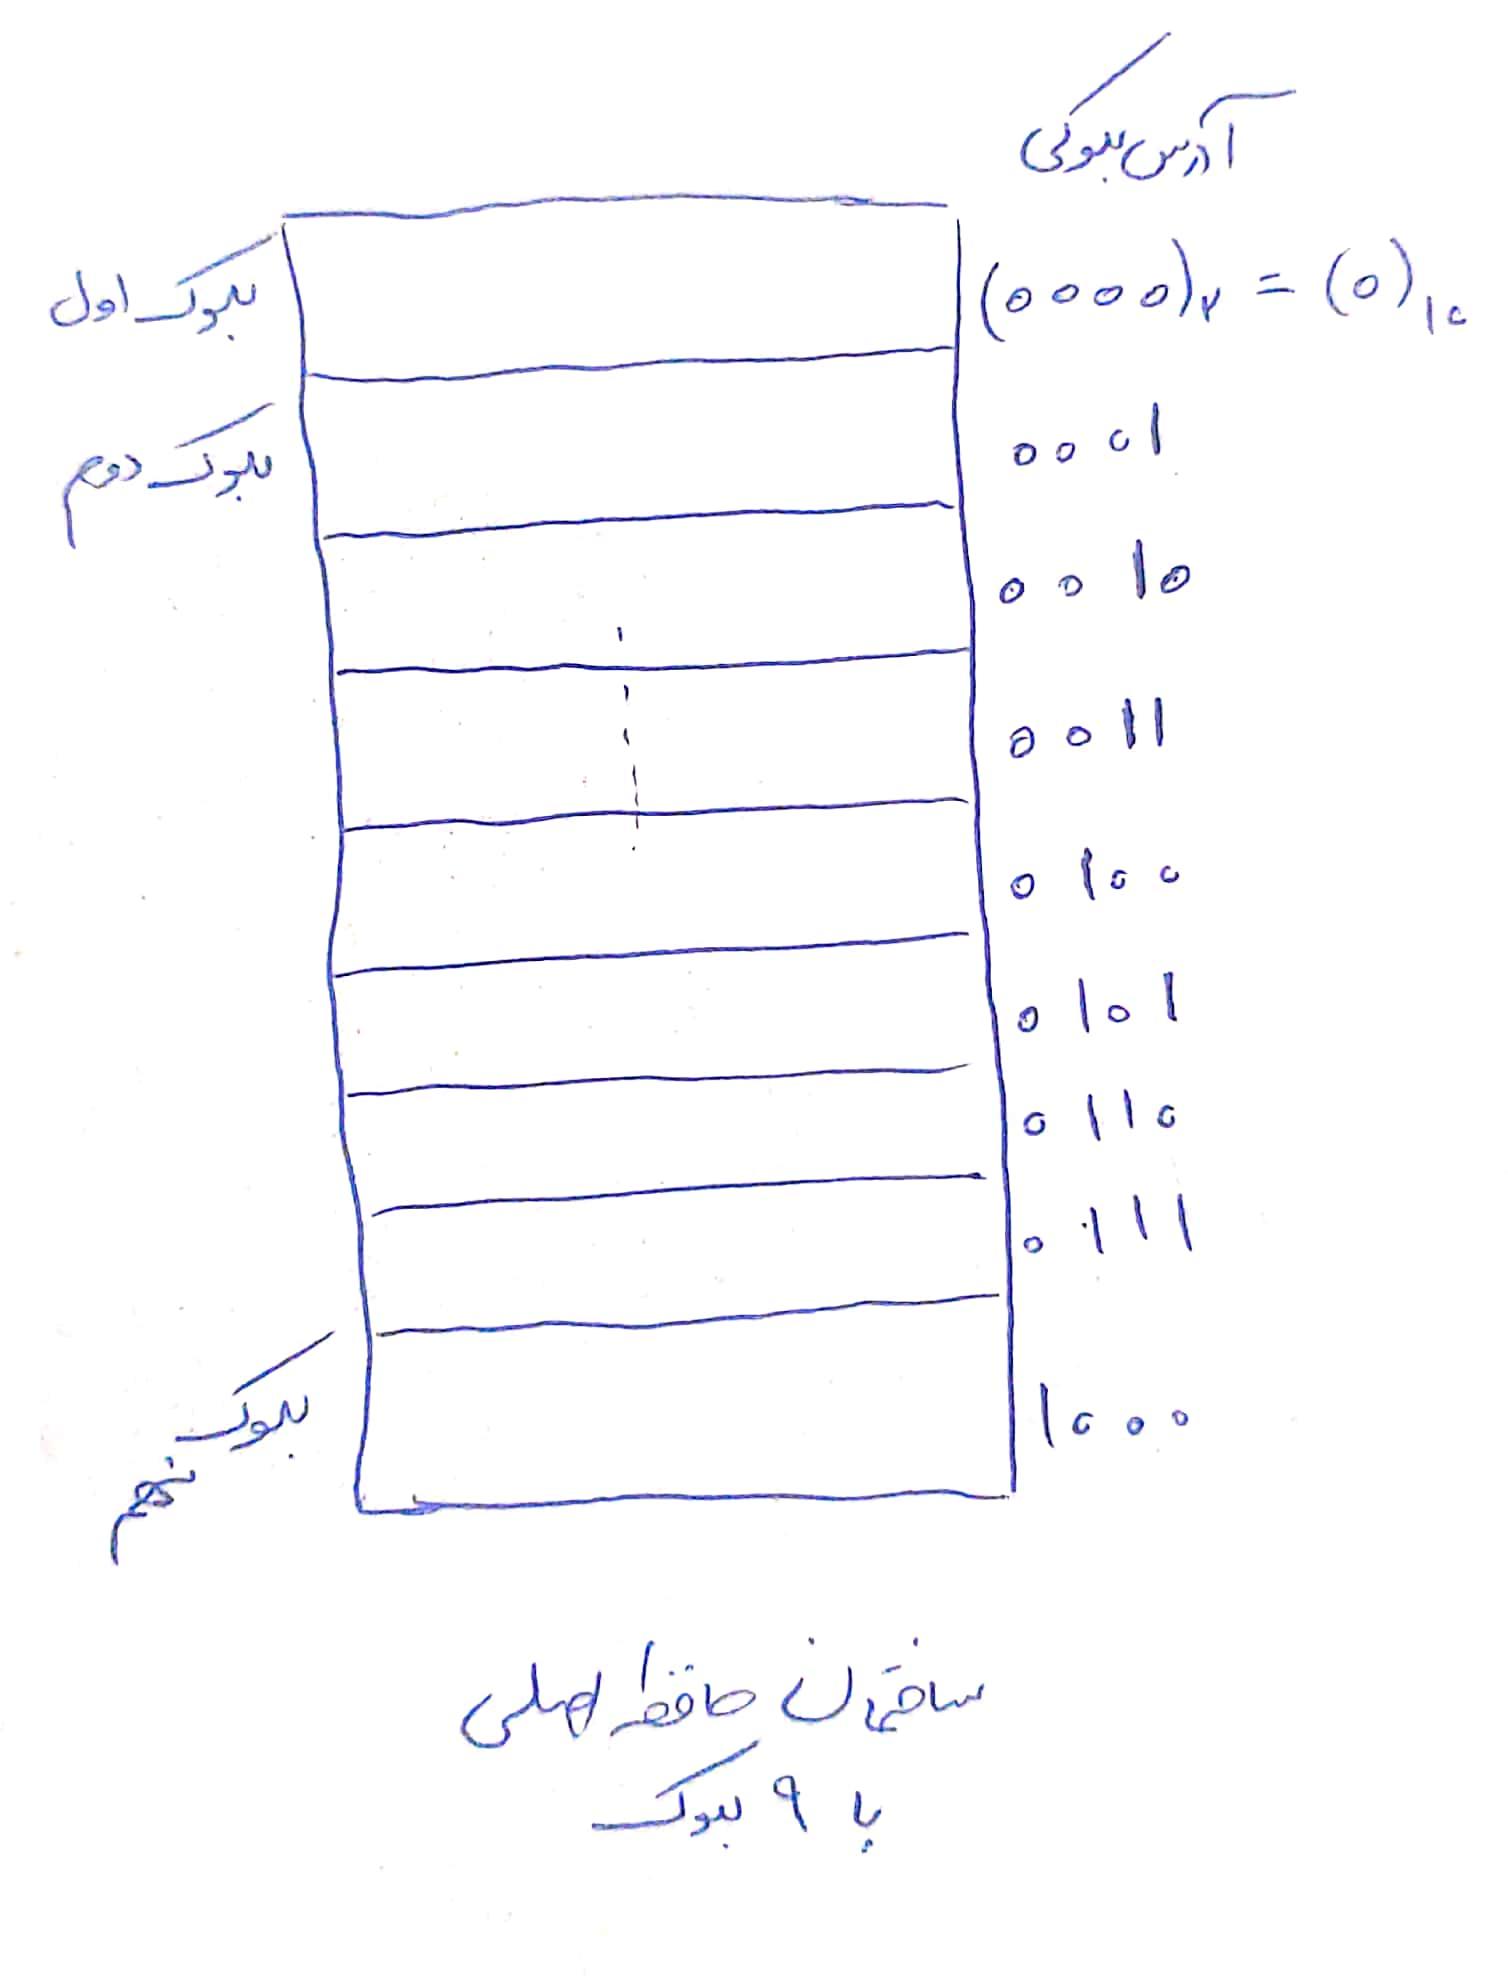 معماری حافظه اصلی / main memory architecture